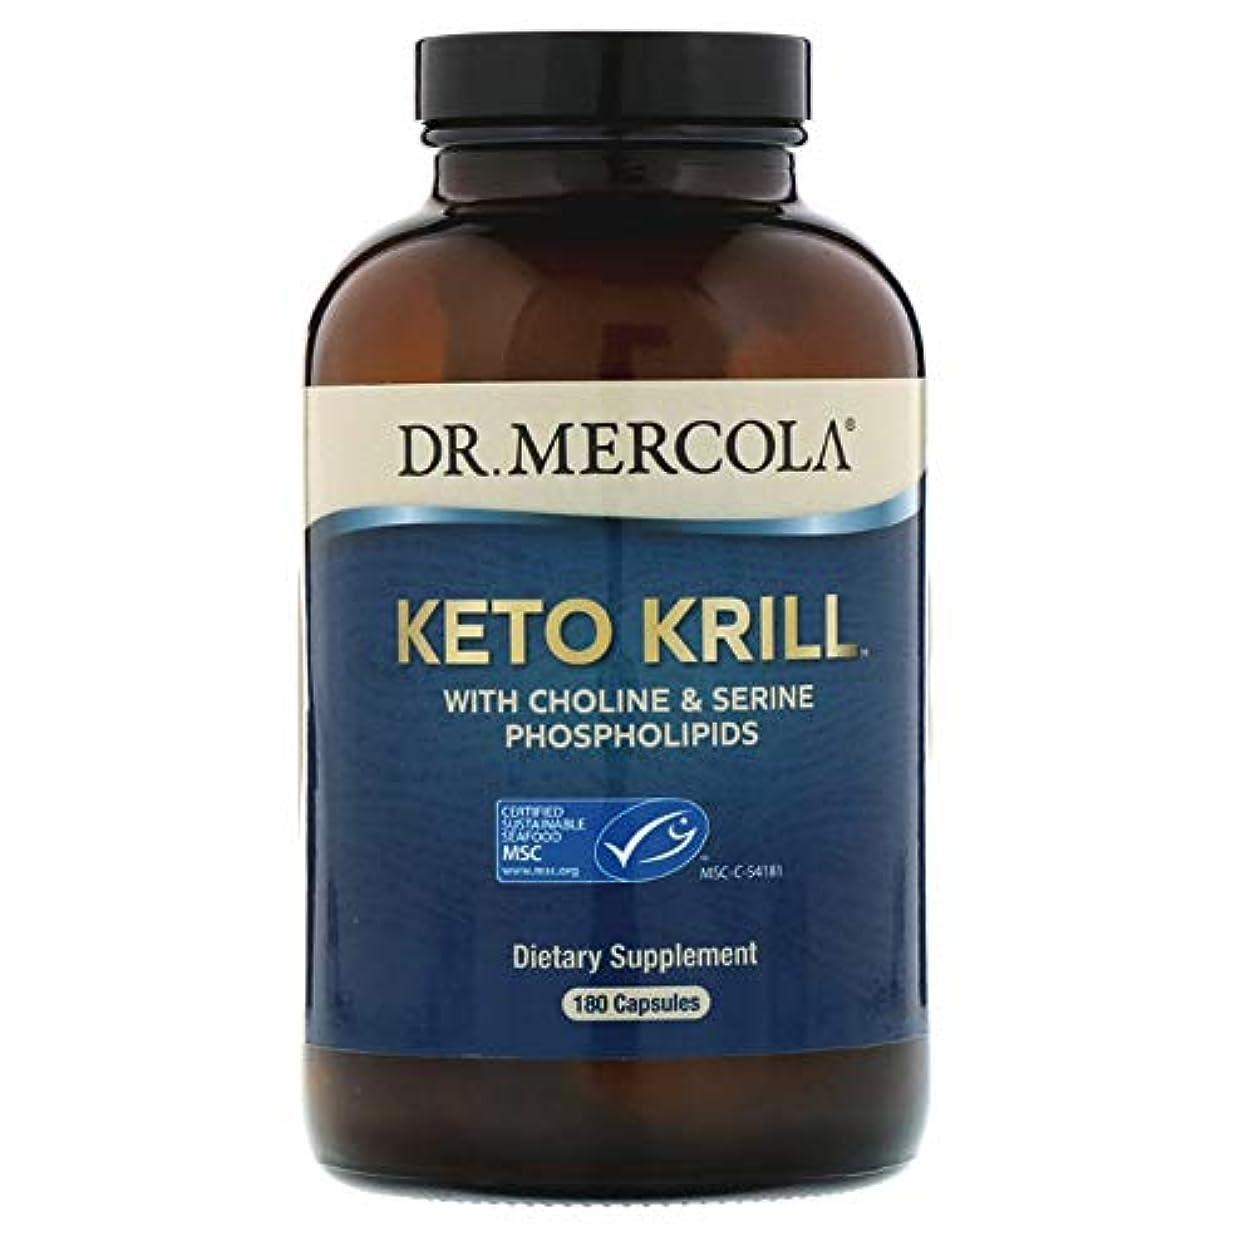 ベジタリアン大いに資料Dr Mercola ケトオキアミ コリン セリンリン脂質配合 カプセル 180粒 【アメリカ直送】